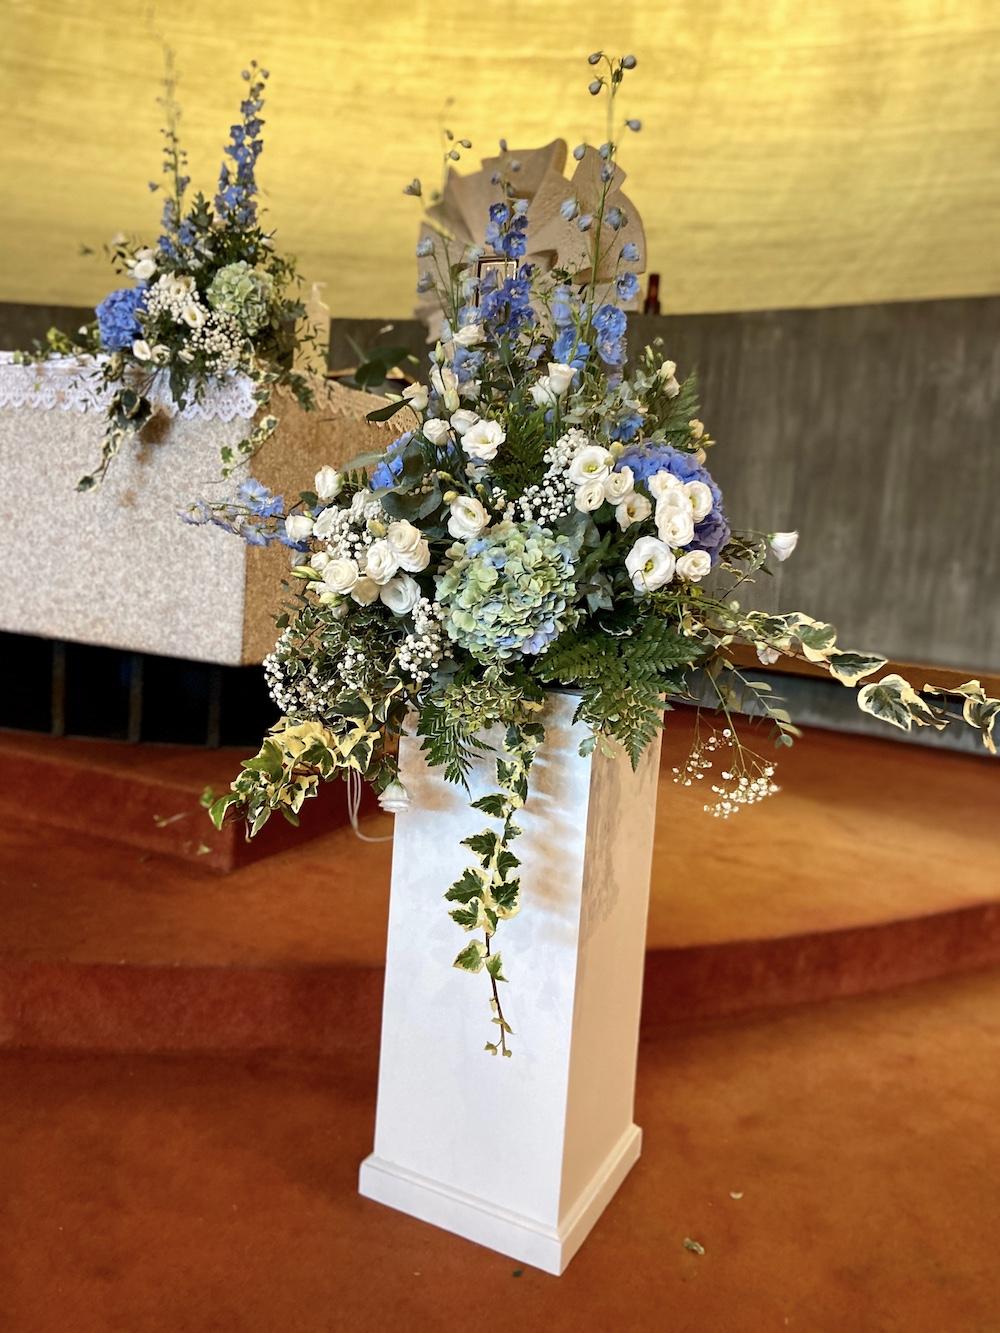 blu IMG_5371Wedding allestimento floreale rossana flower store novellinoBLU Wedding allestimento floreale rossana flower store novellino